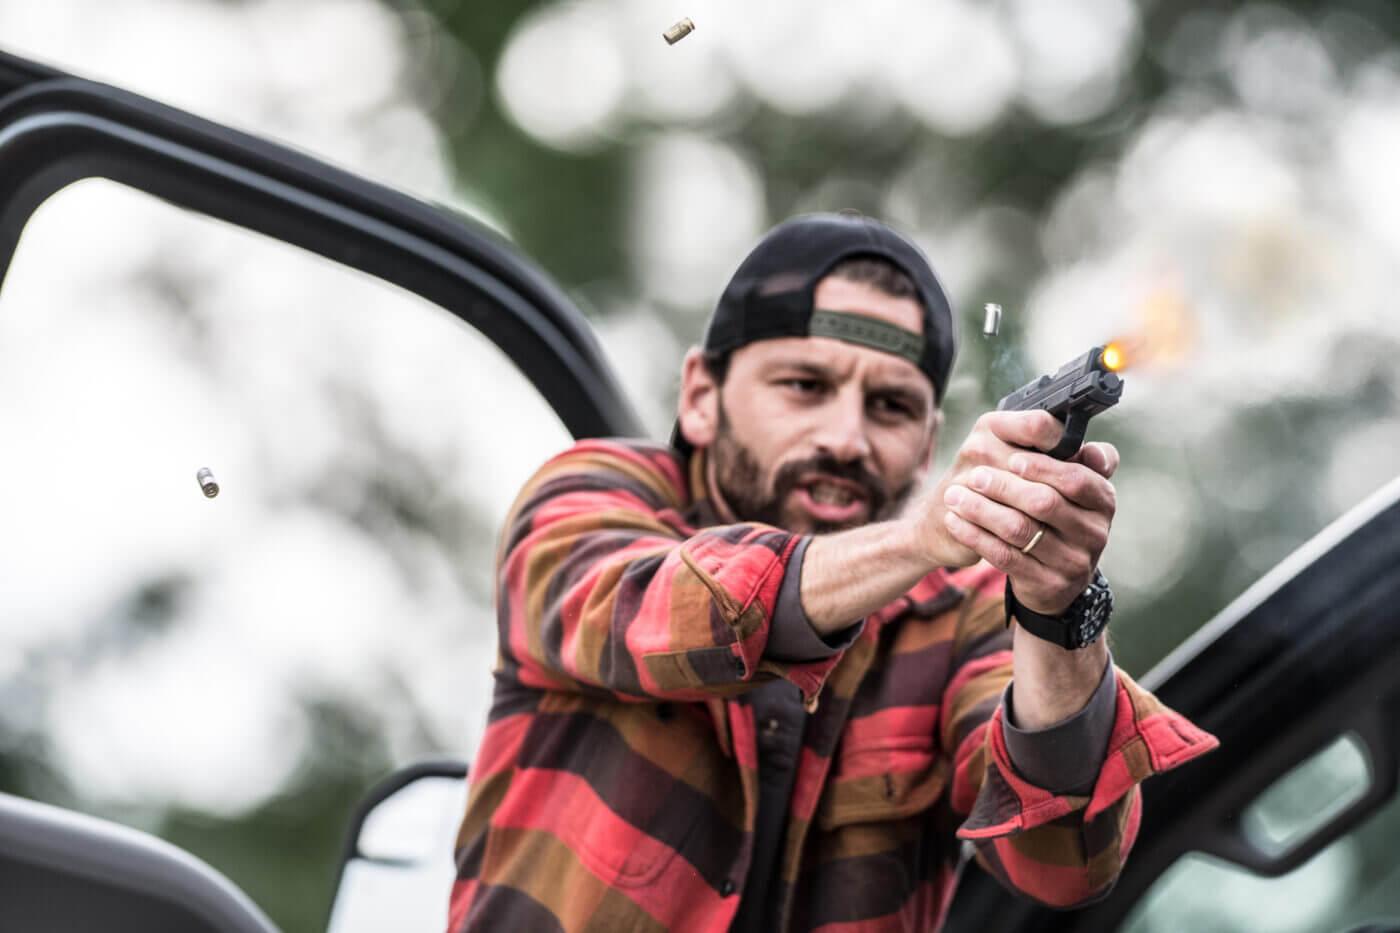 Man shooting pistol